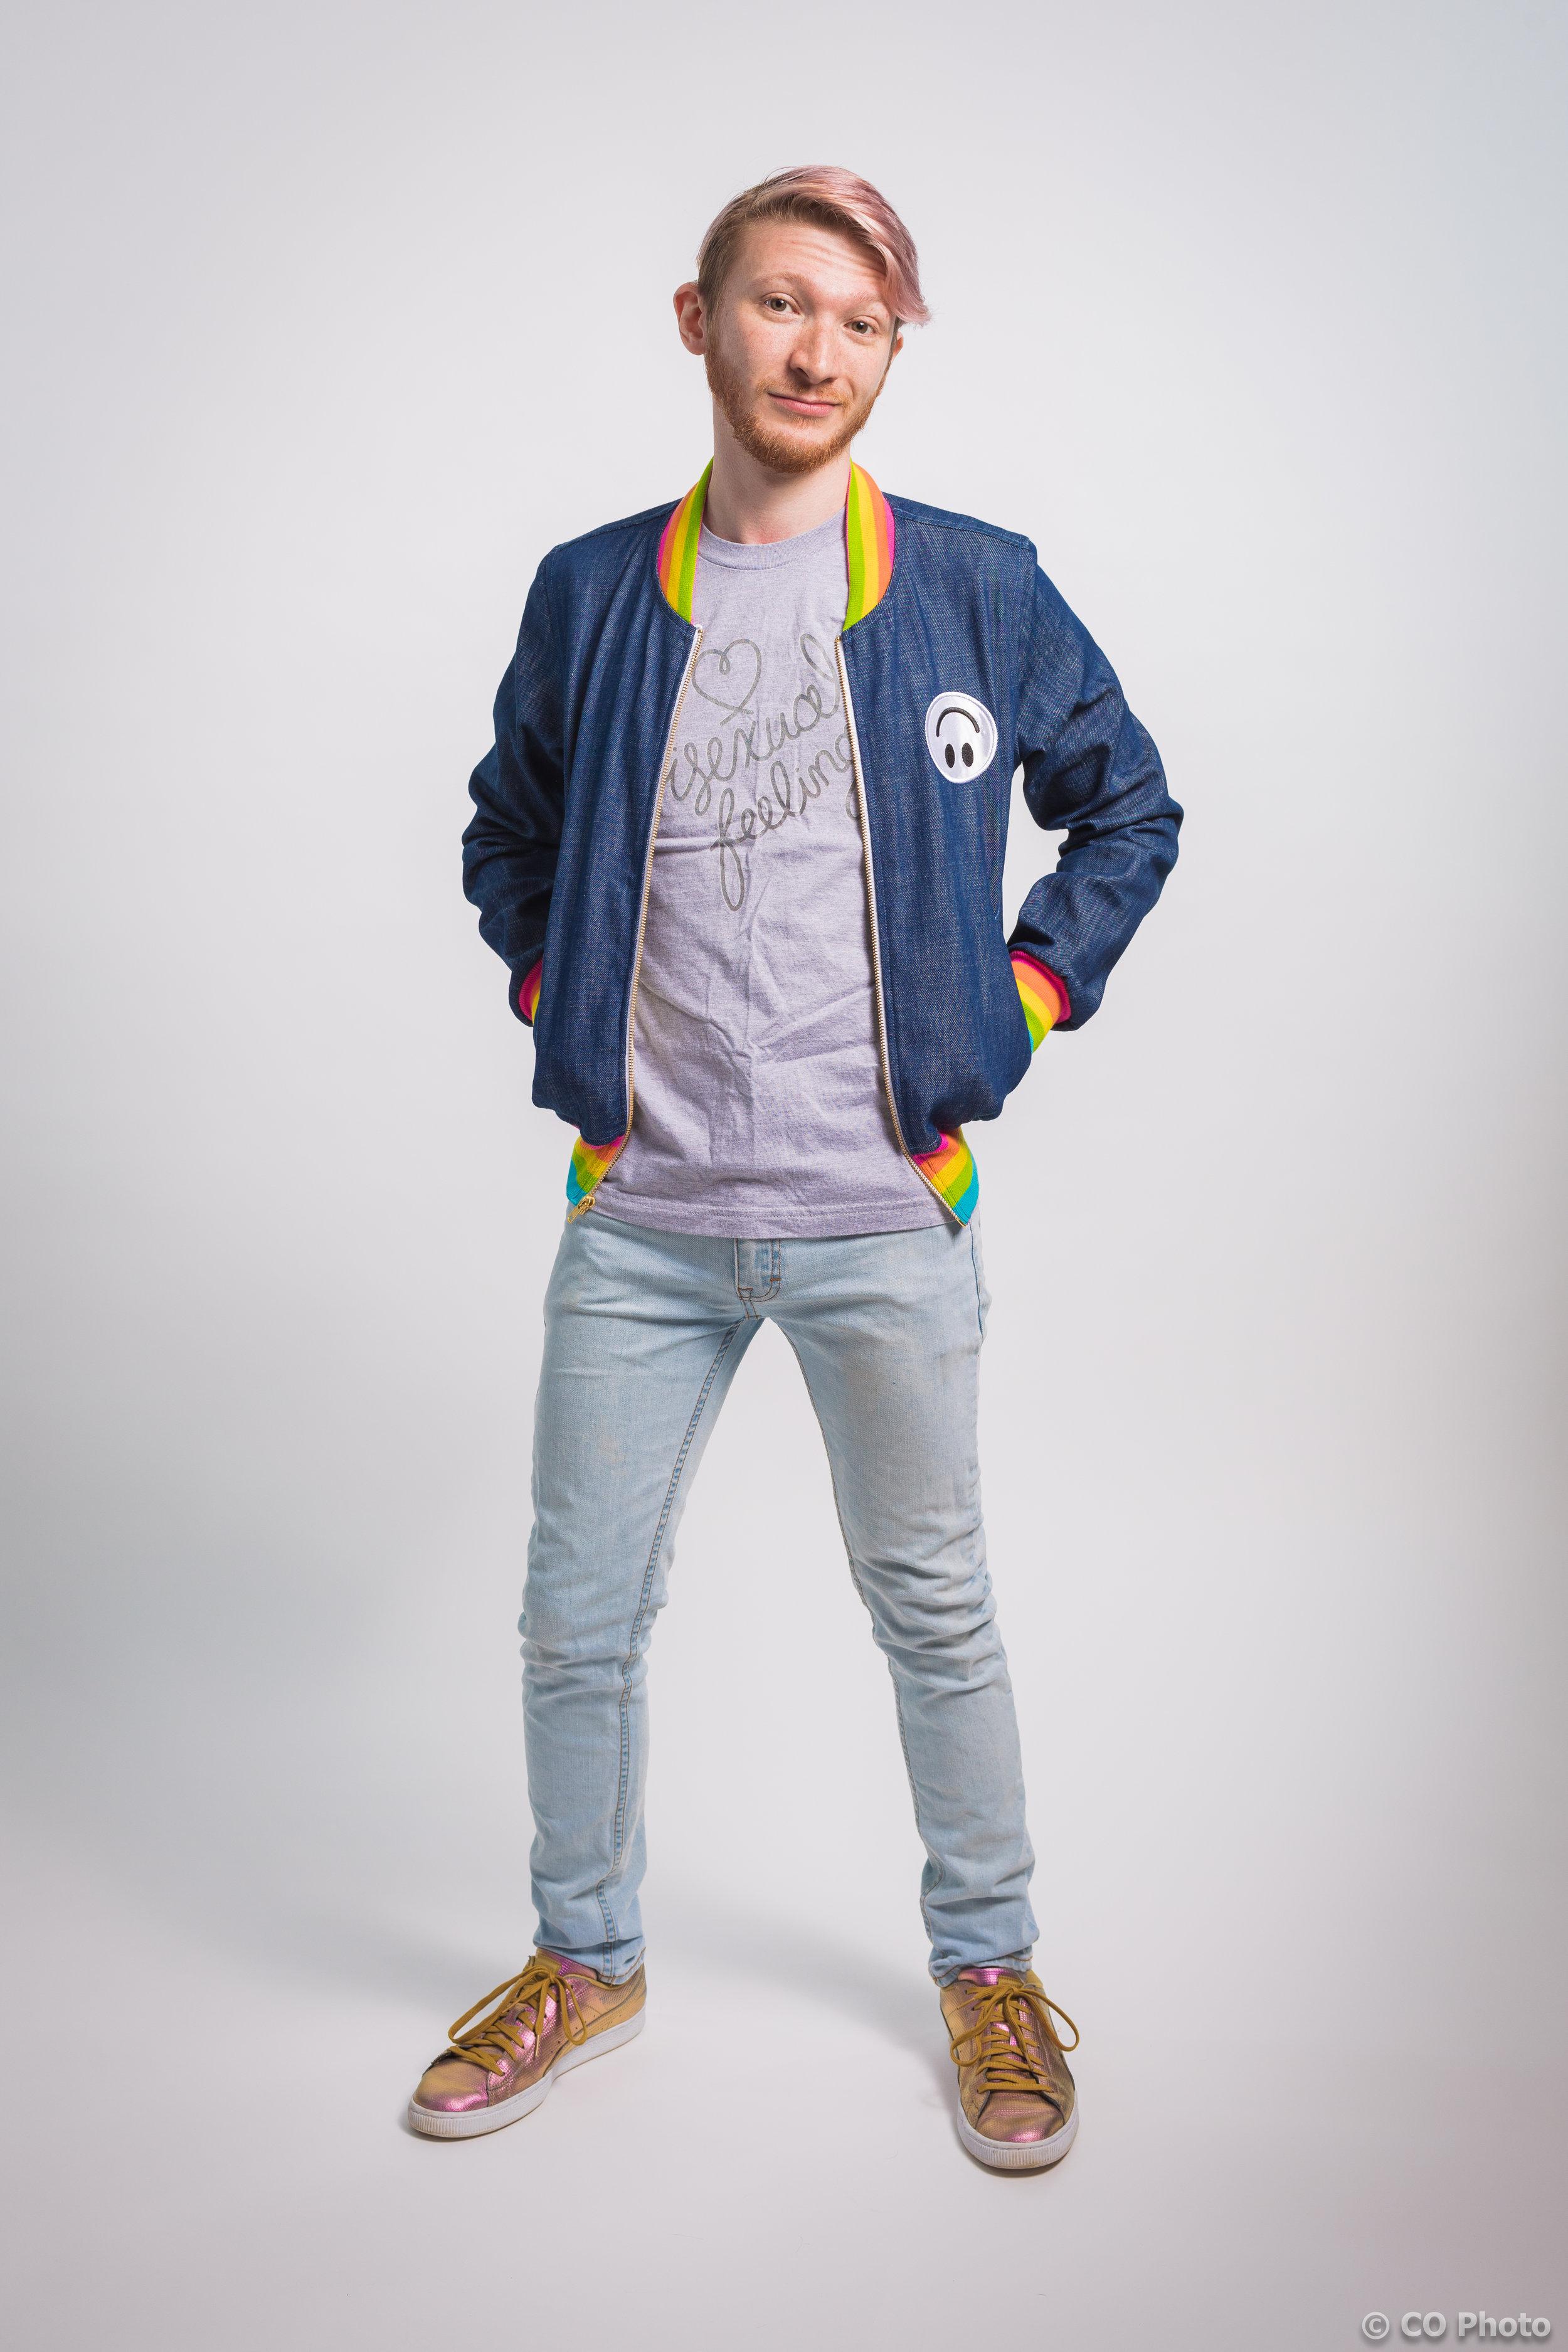 Conor_Pride-4.jpg